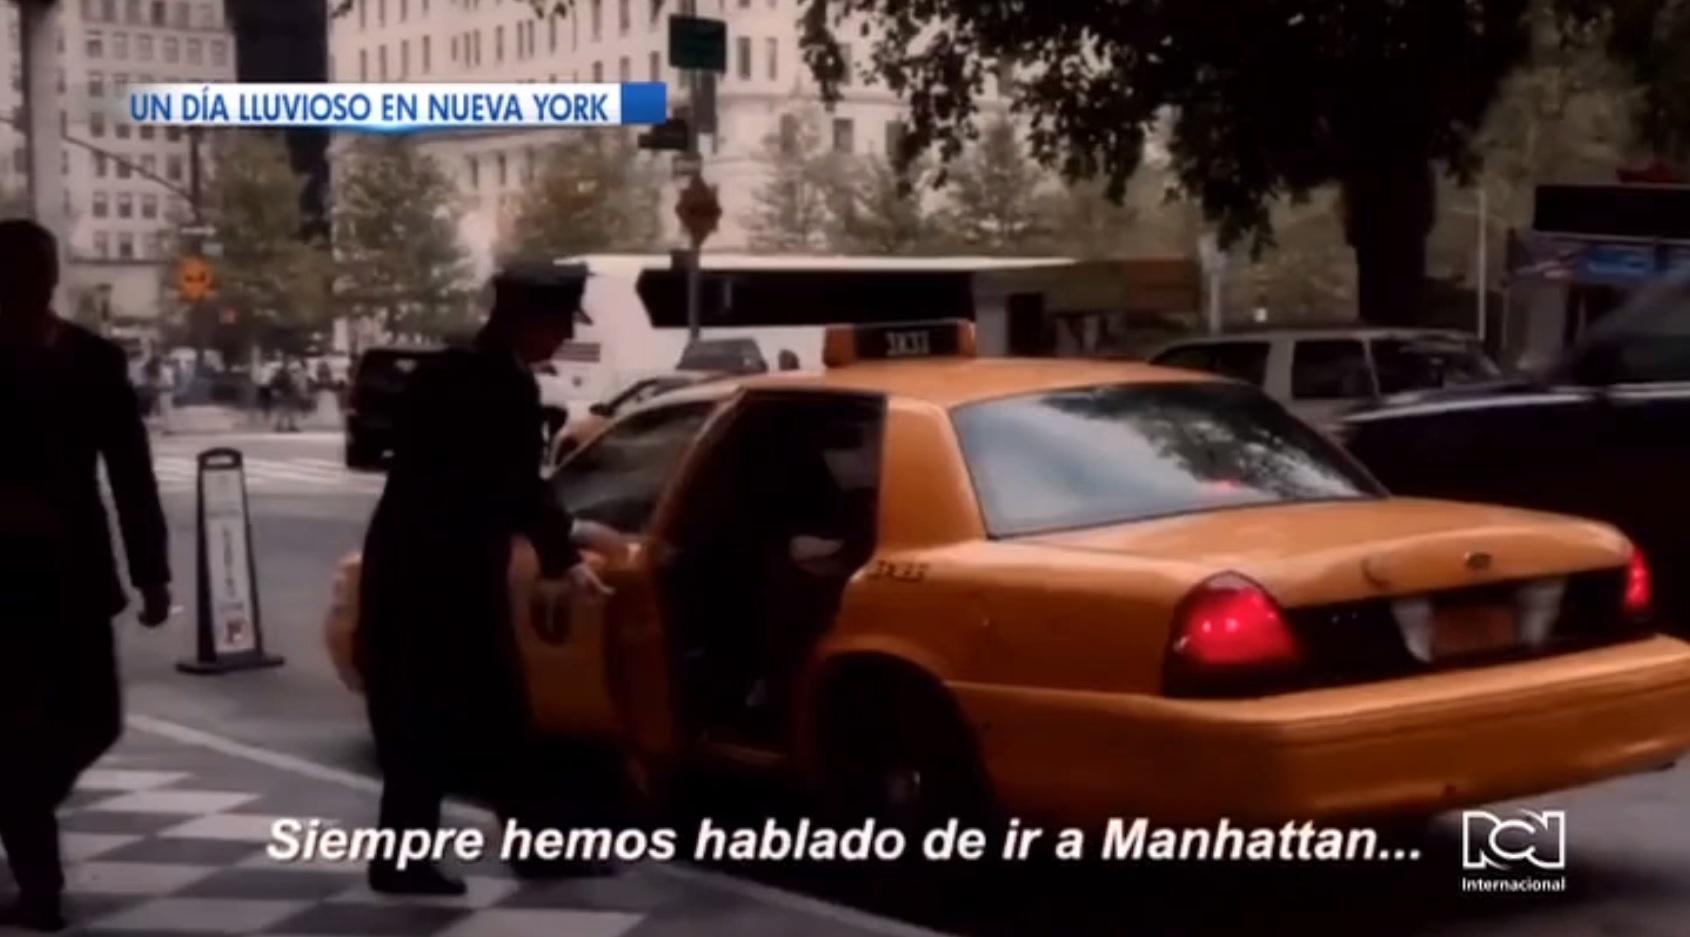 Woody Allen estrenó en Latinoamérica su película 'Un día lluvioso en Nueva York'